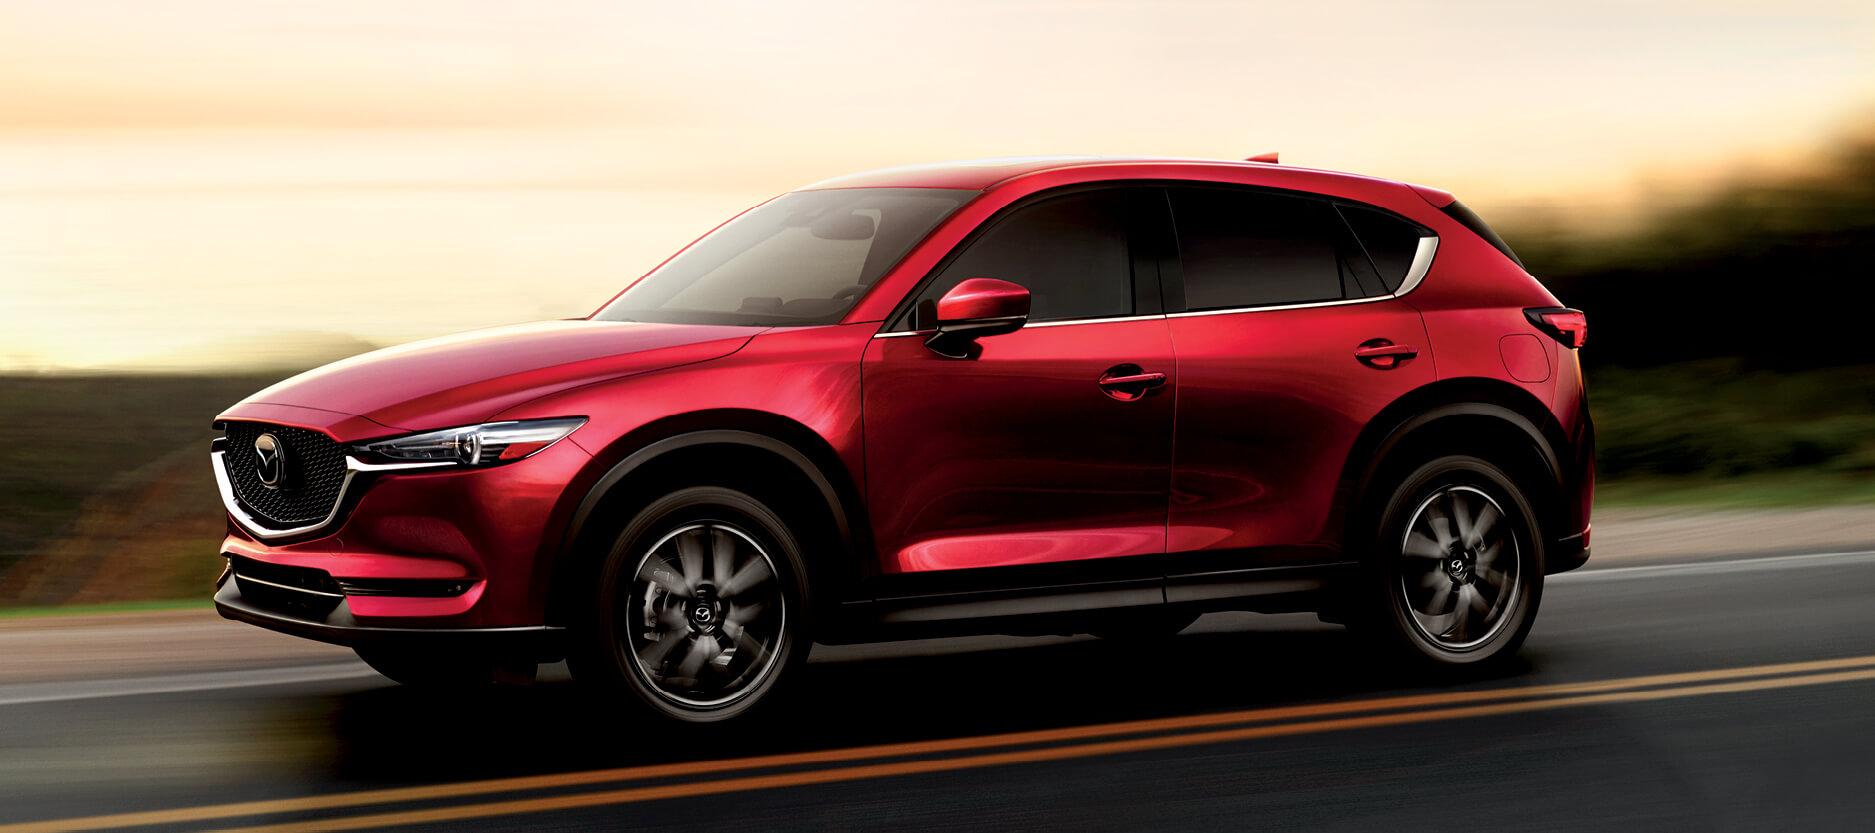 The All New Mazda CX-5